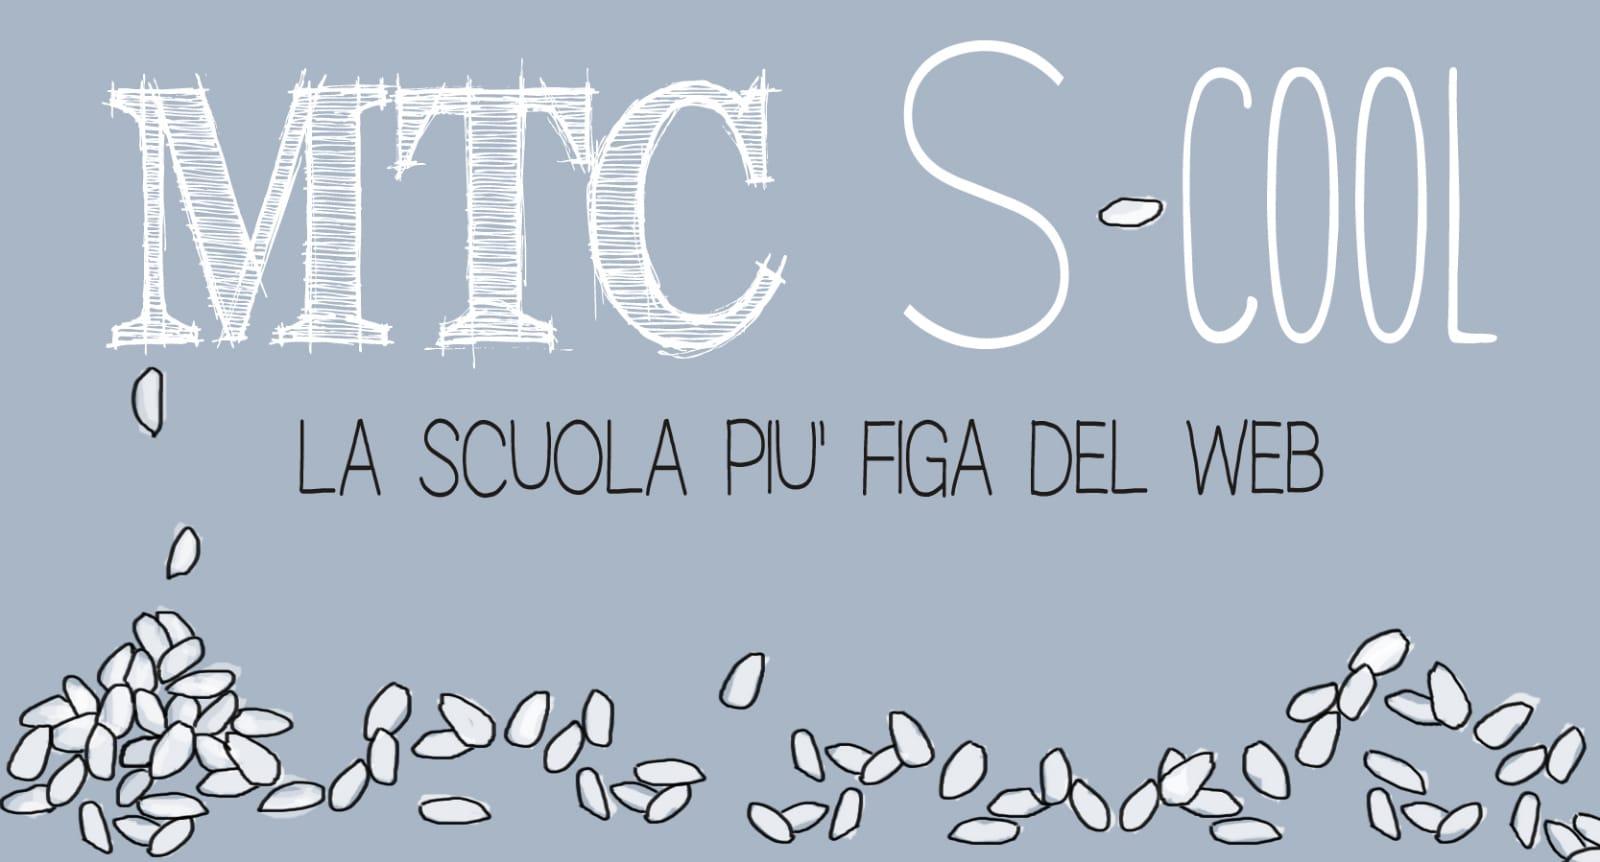 MTC s cool 3